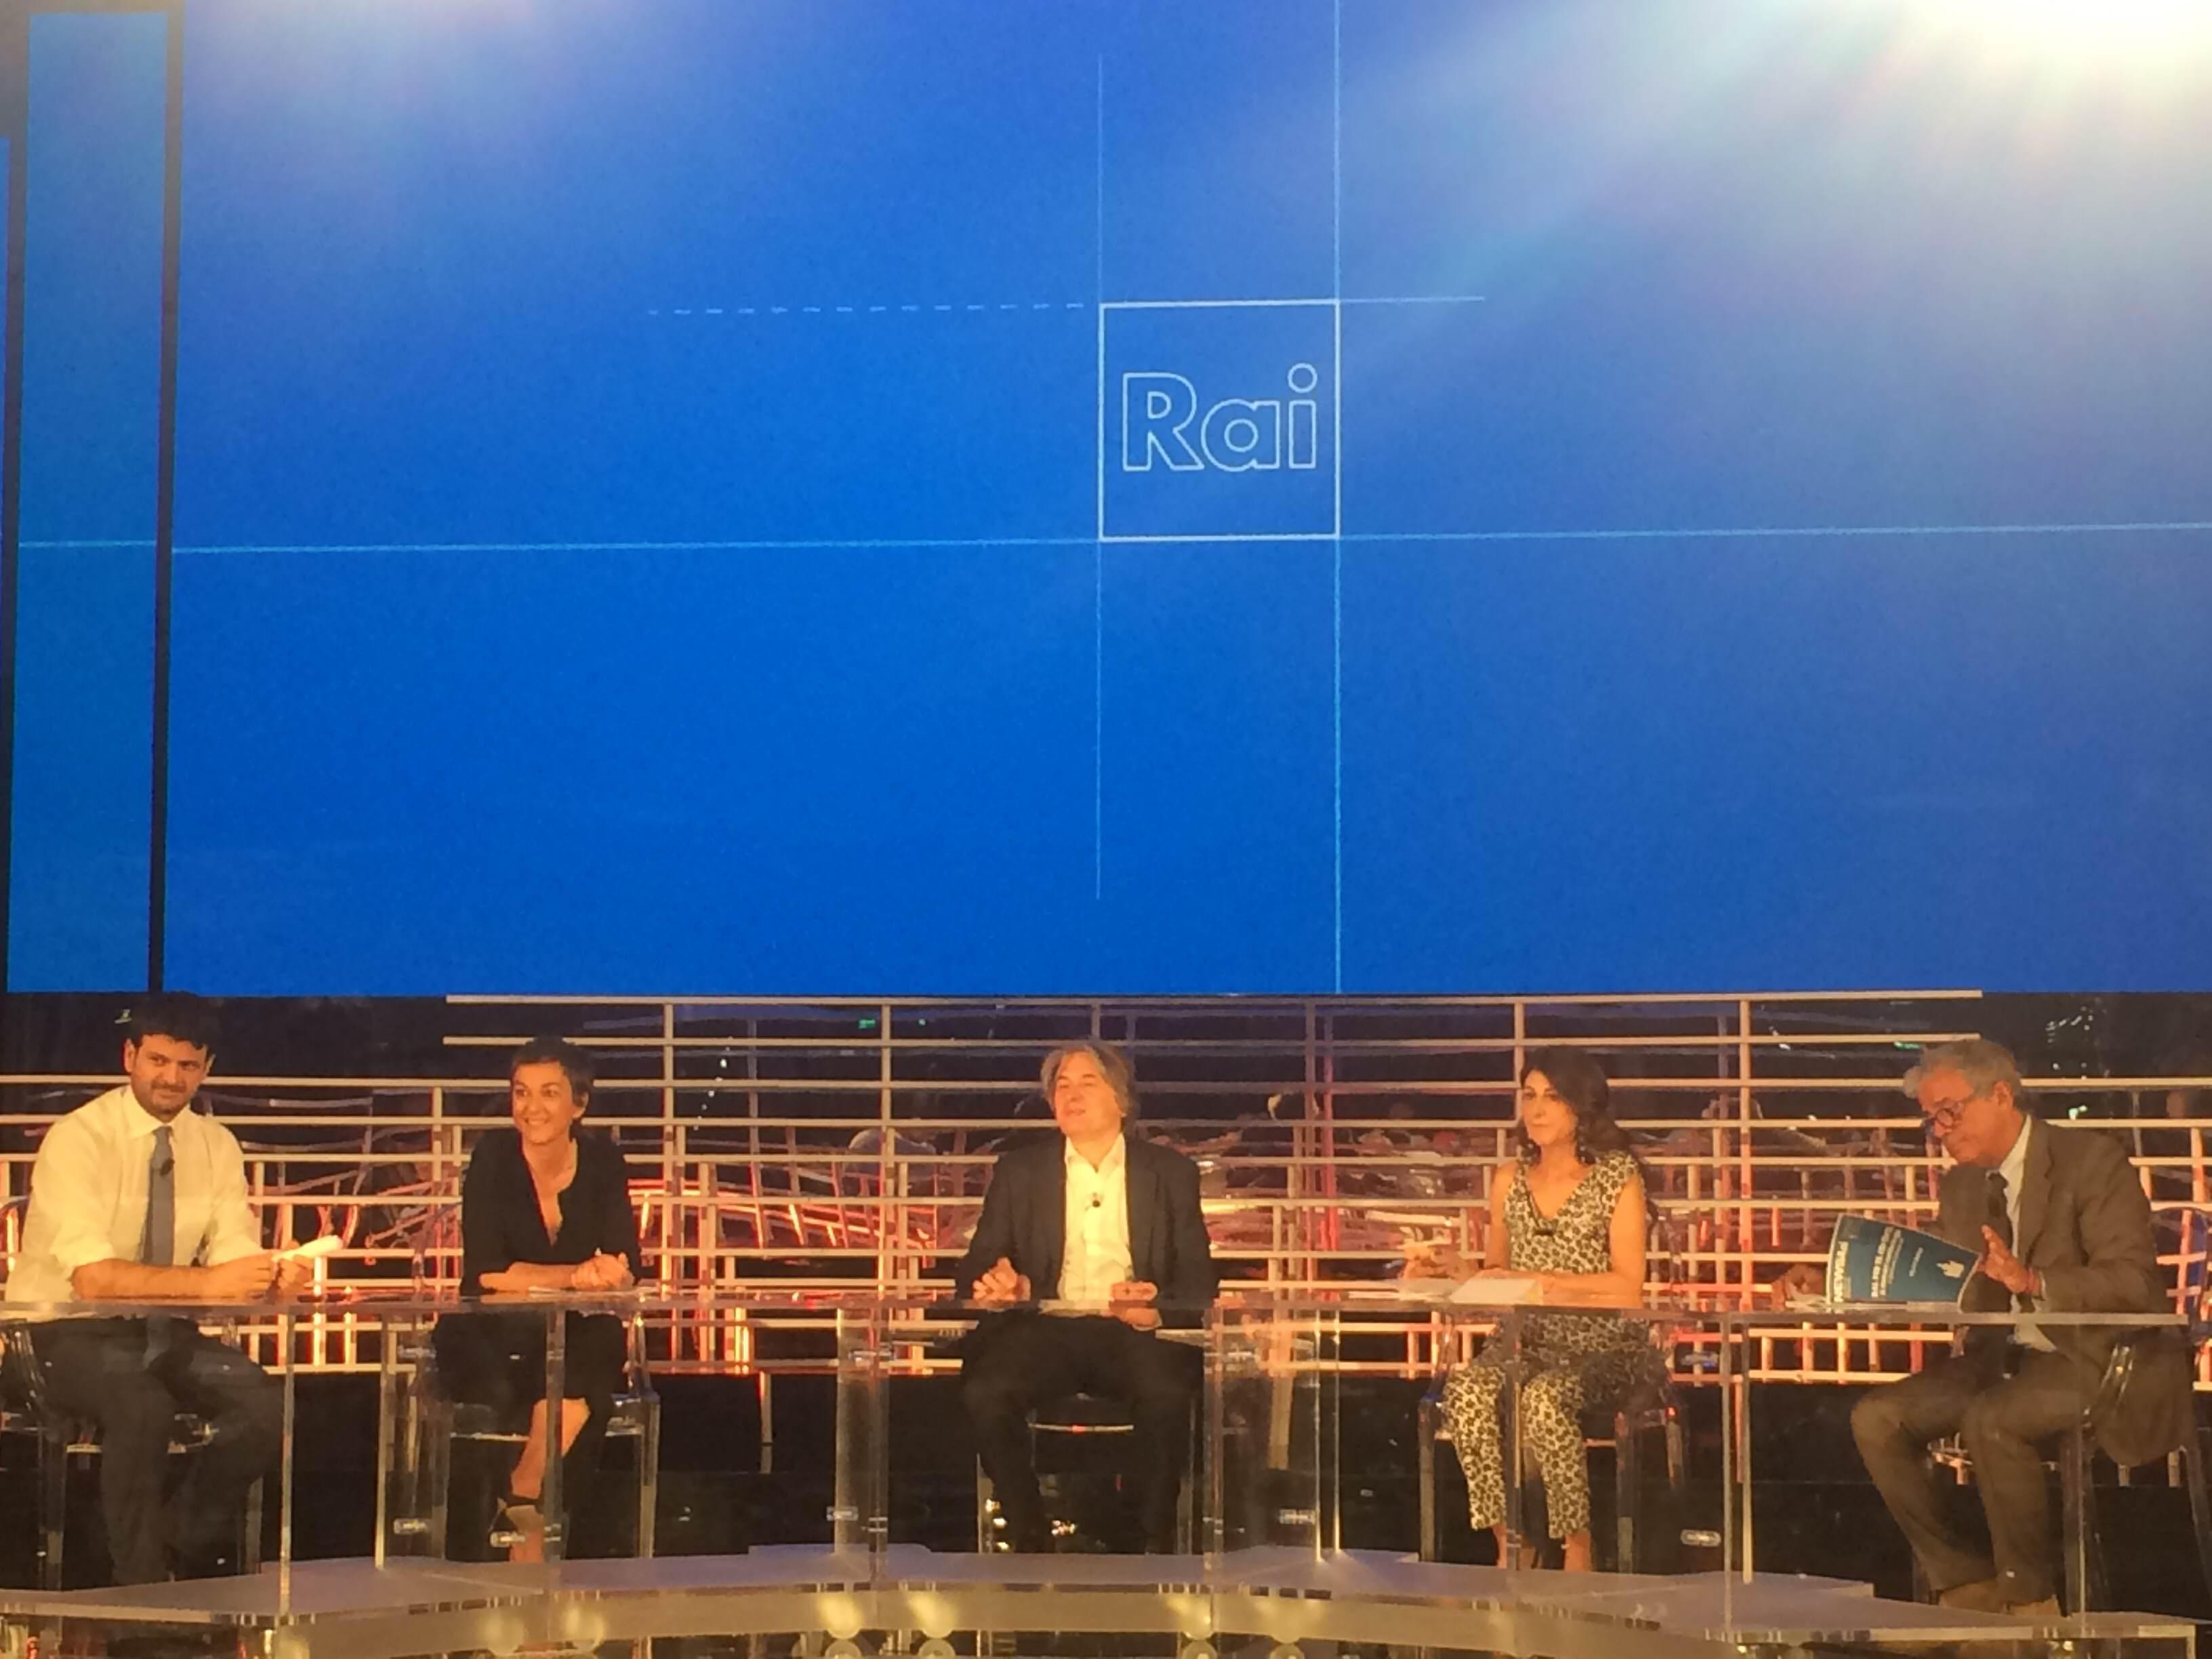 Palinsesti RAI 1 autunno 2016: i nuovi programmi in onda da settembre